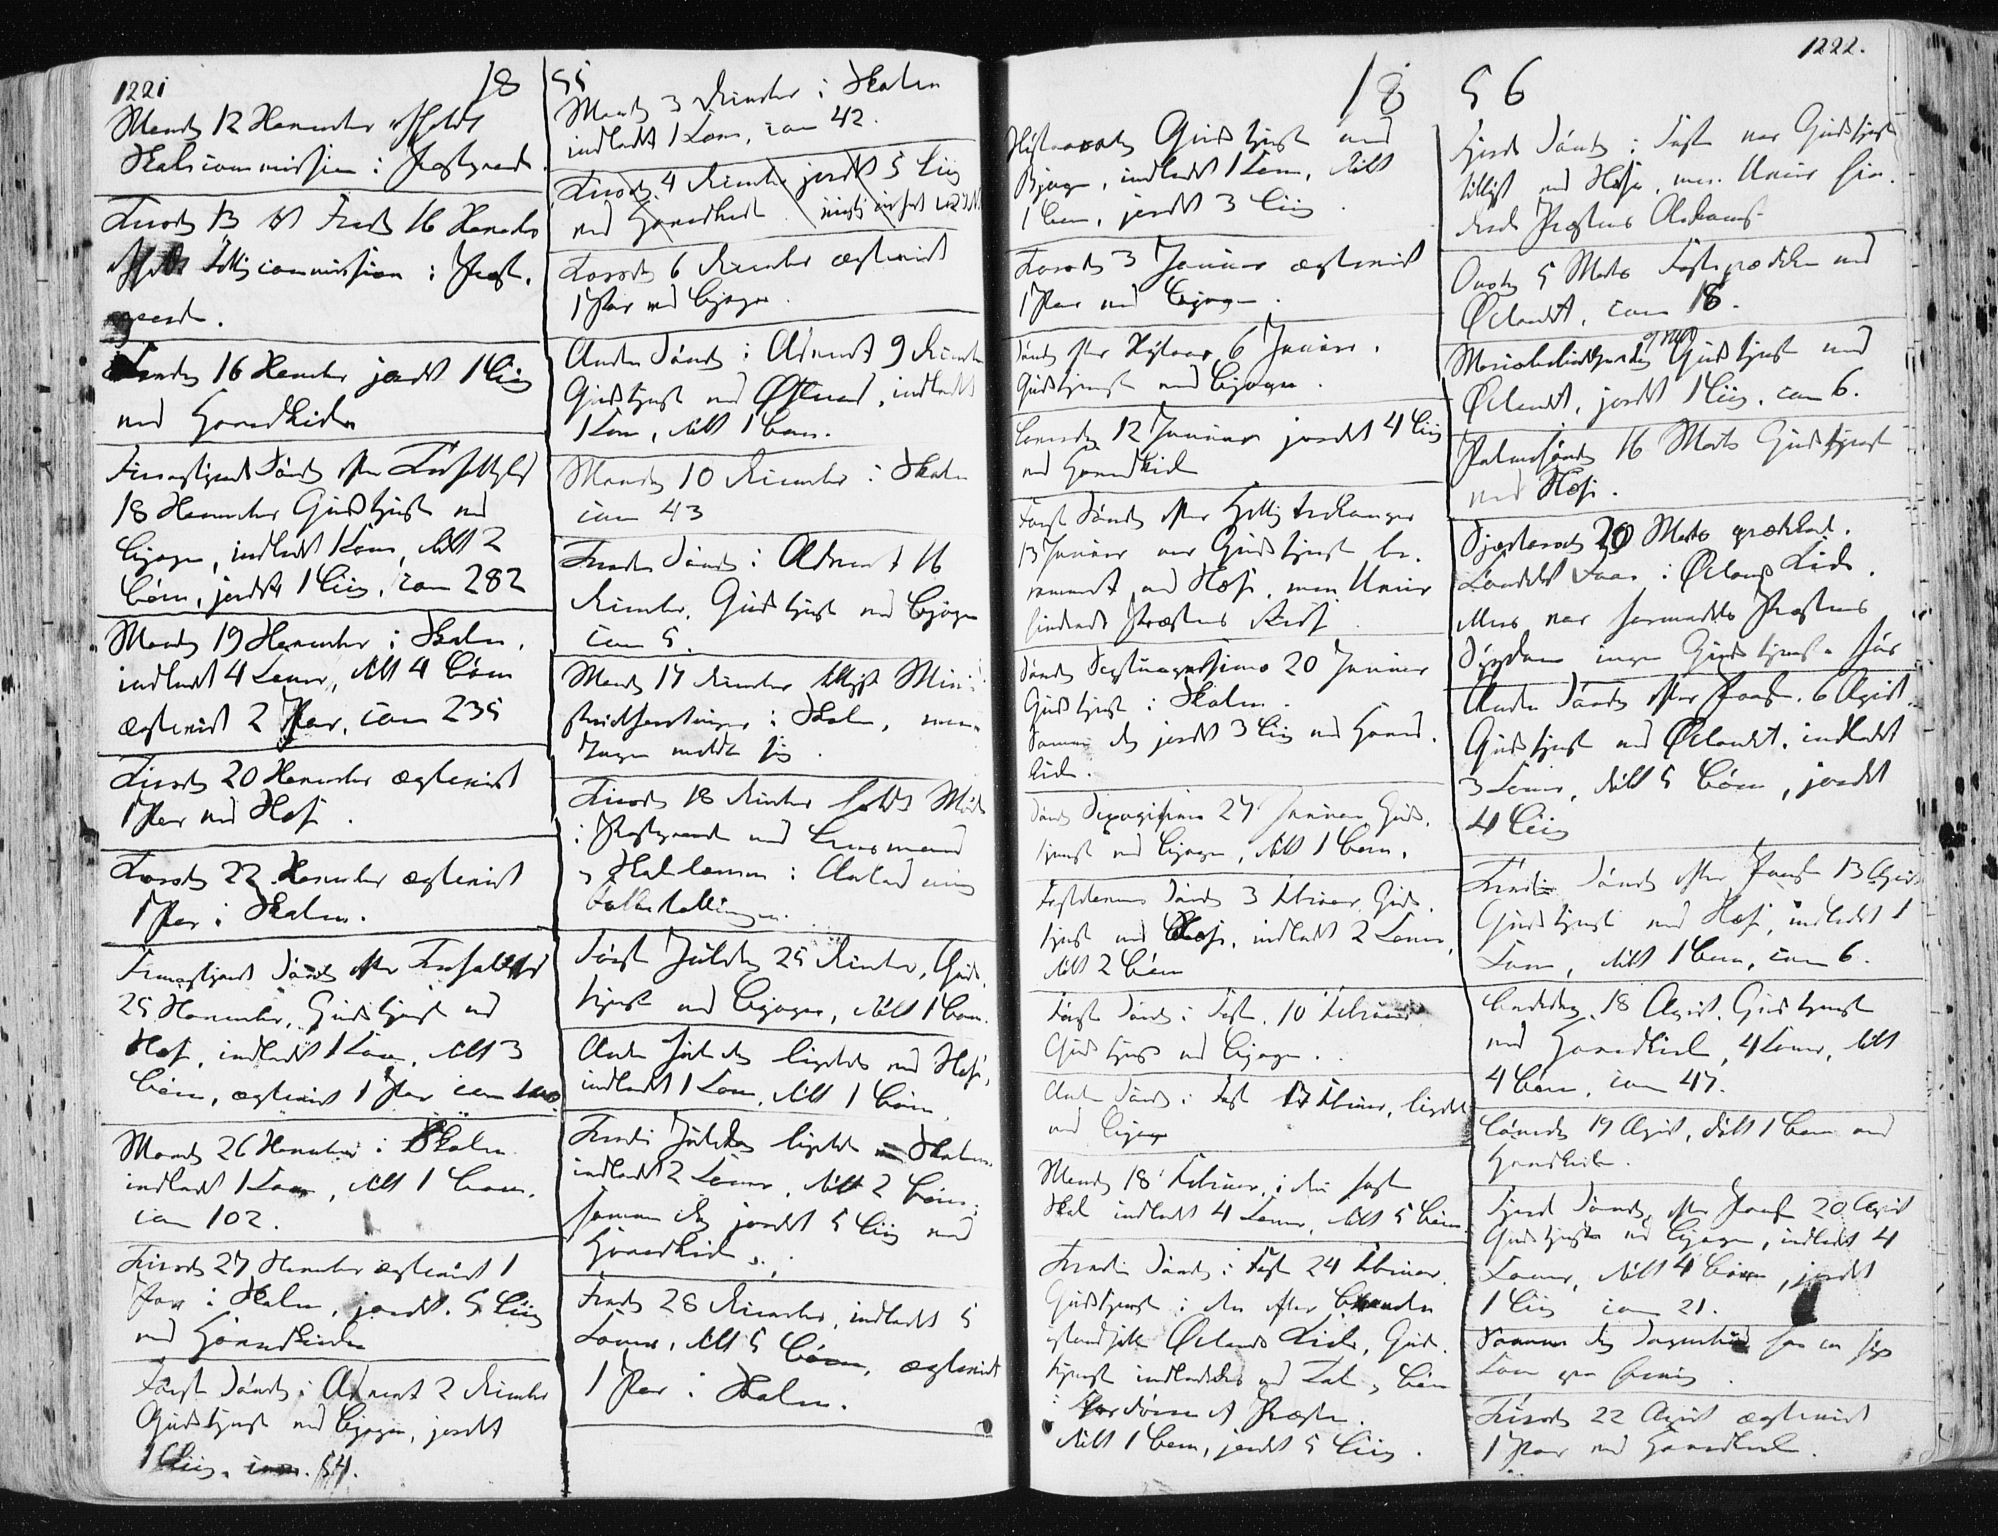 SAT, Ministerialprotokoller, klokkerbøker og fødselsregistre - Sør-Trøndelag, 659/L0736: Ministerialbok nr. 659A06, 1842-1856, s. 1221-1222